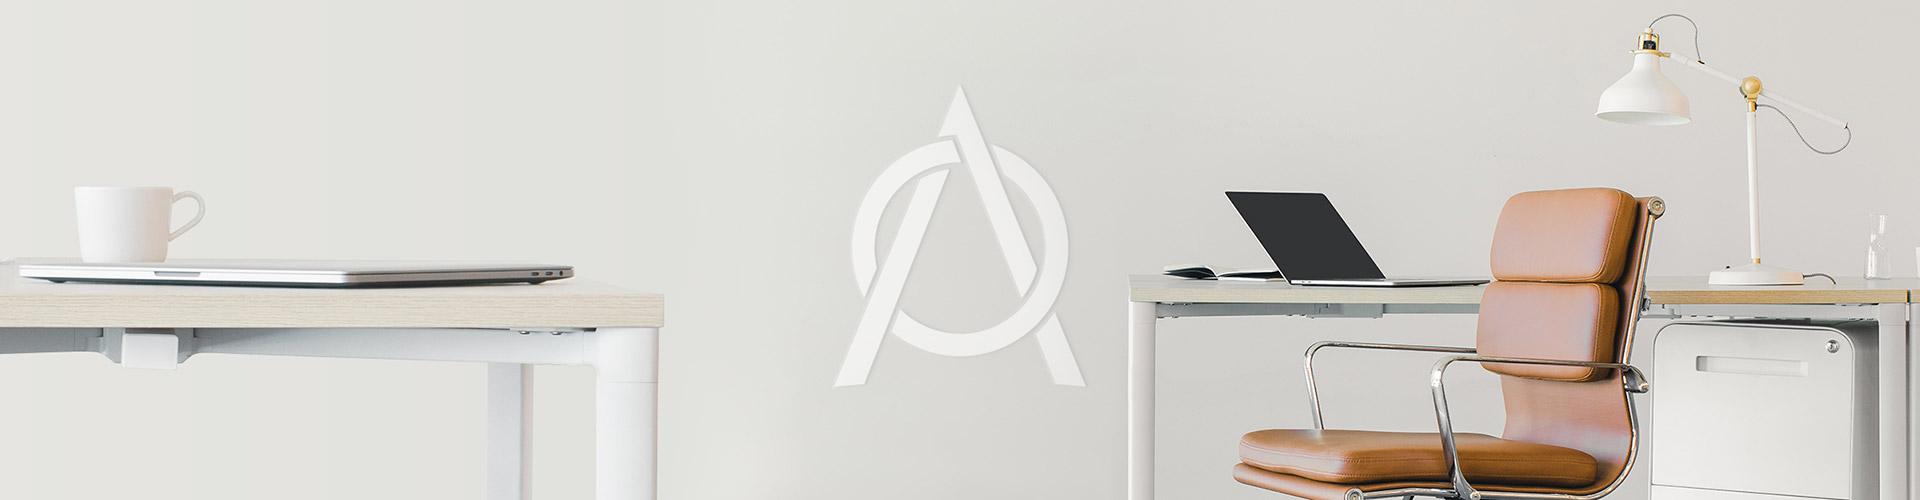 Portada del proyecto de Diseño de Identidad Corporativa y Branding: Estudio A, Servicios Contables.